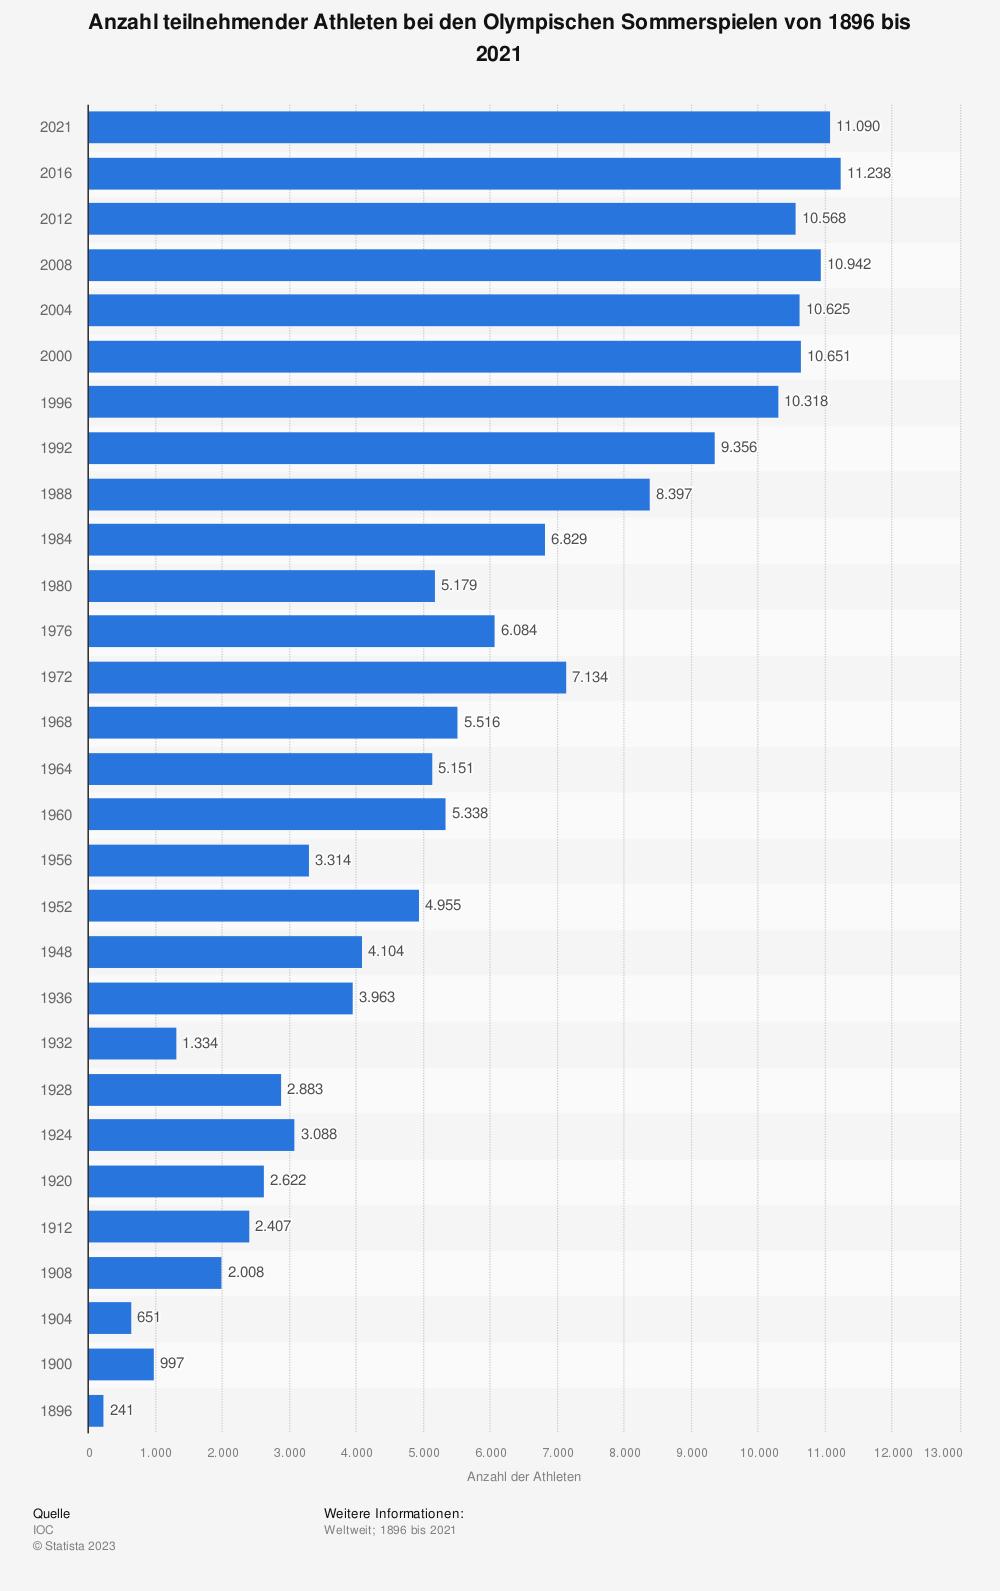 Statistik: Anzahl teilnehmender Athleten bei den Olympischen Sommerspielen von 1896 bis 2021 | Statista